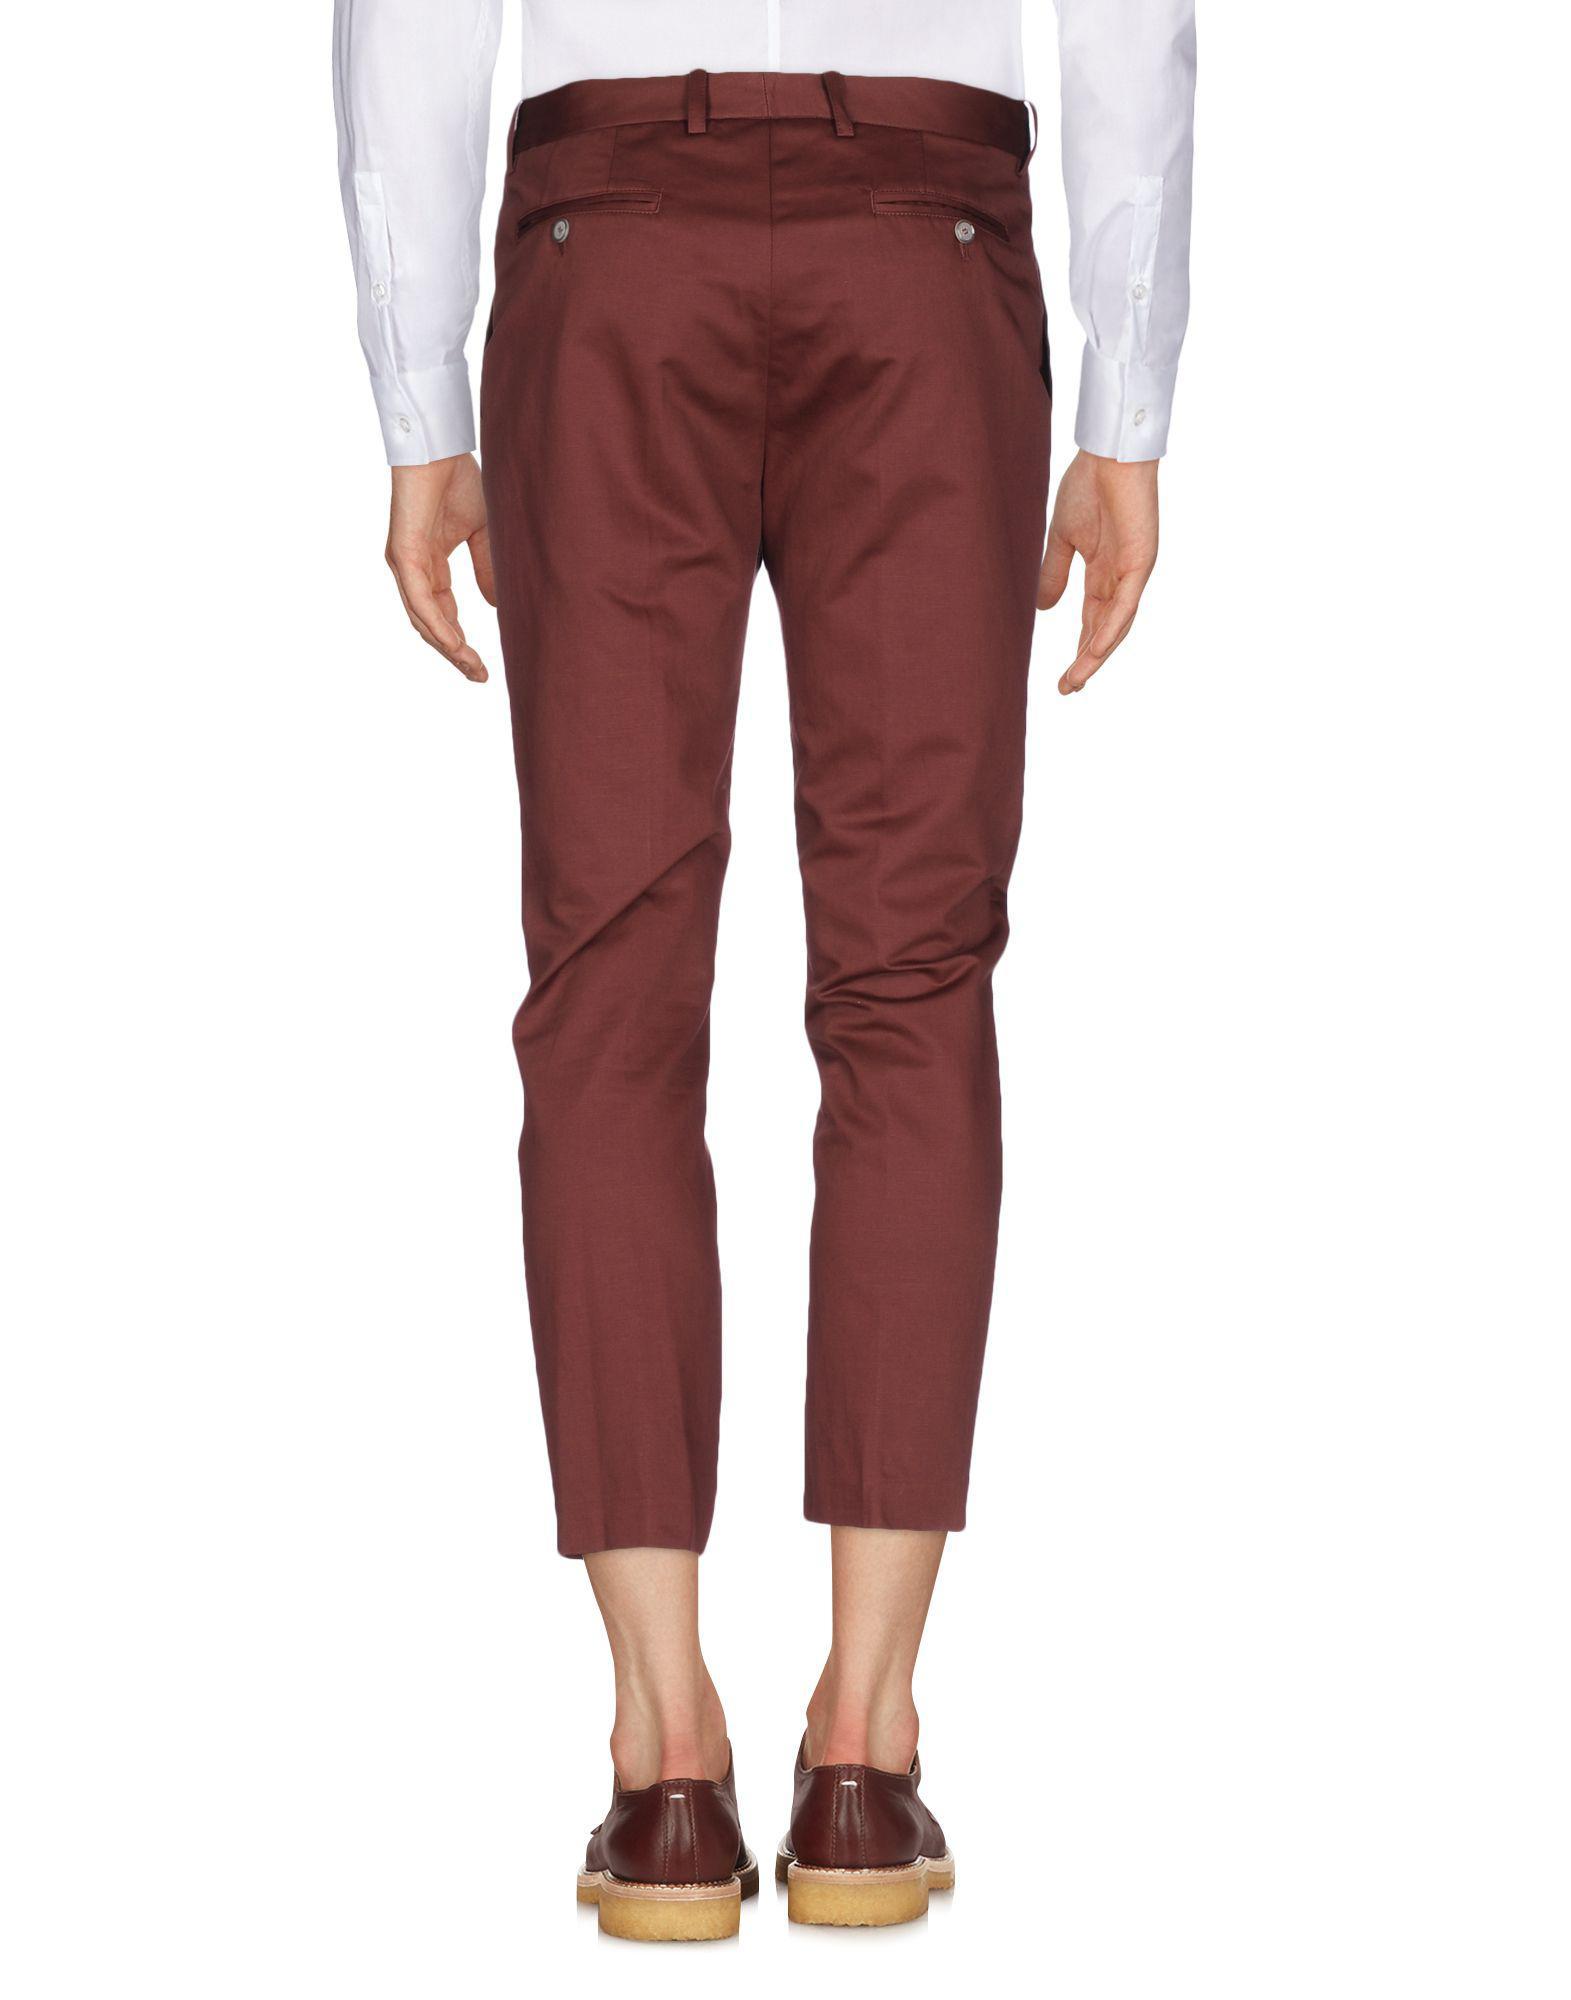 Paolo Pecora Cotton Casual Trouser in Cocoa (Black) for Men